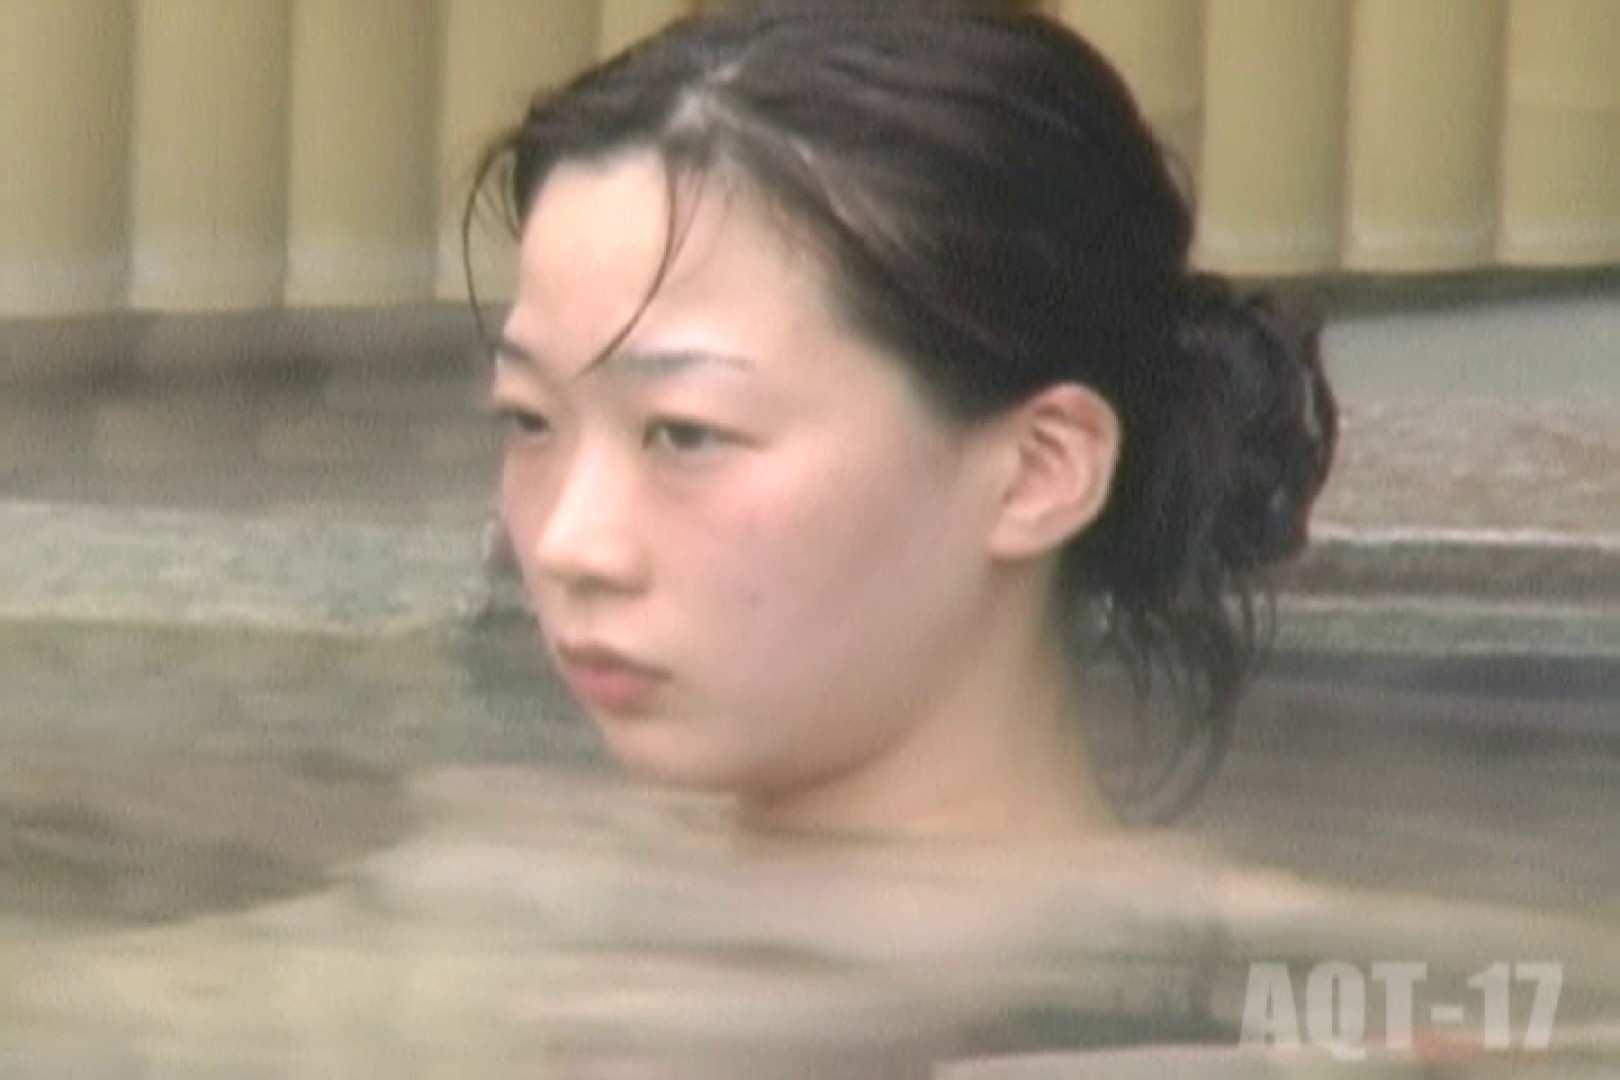 Aquaな露天風呂Vol.848 露天風呂  11枚 10